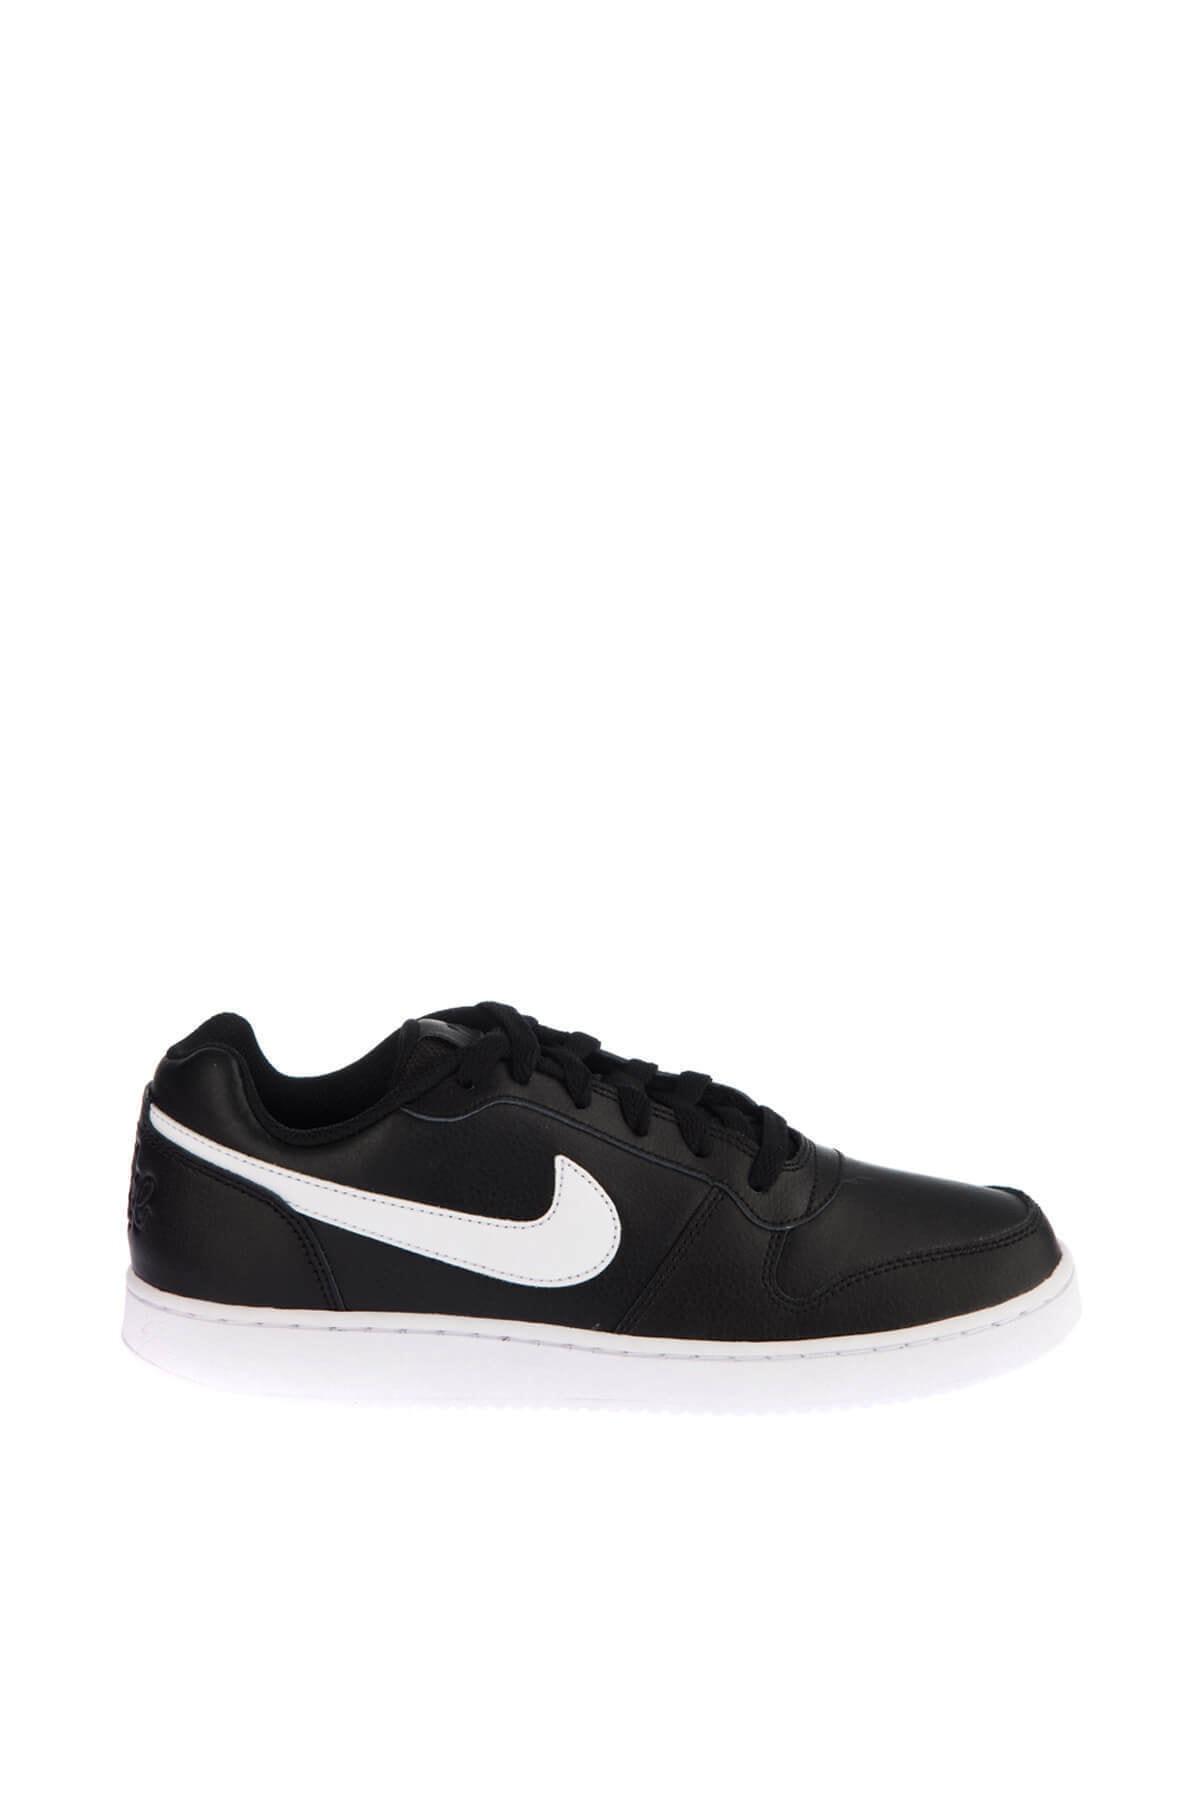 Nike Erkek Spor Ayakkabı - Ebernon Low - AQ1775-002 1